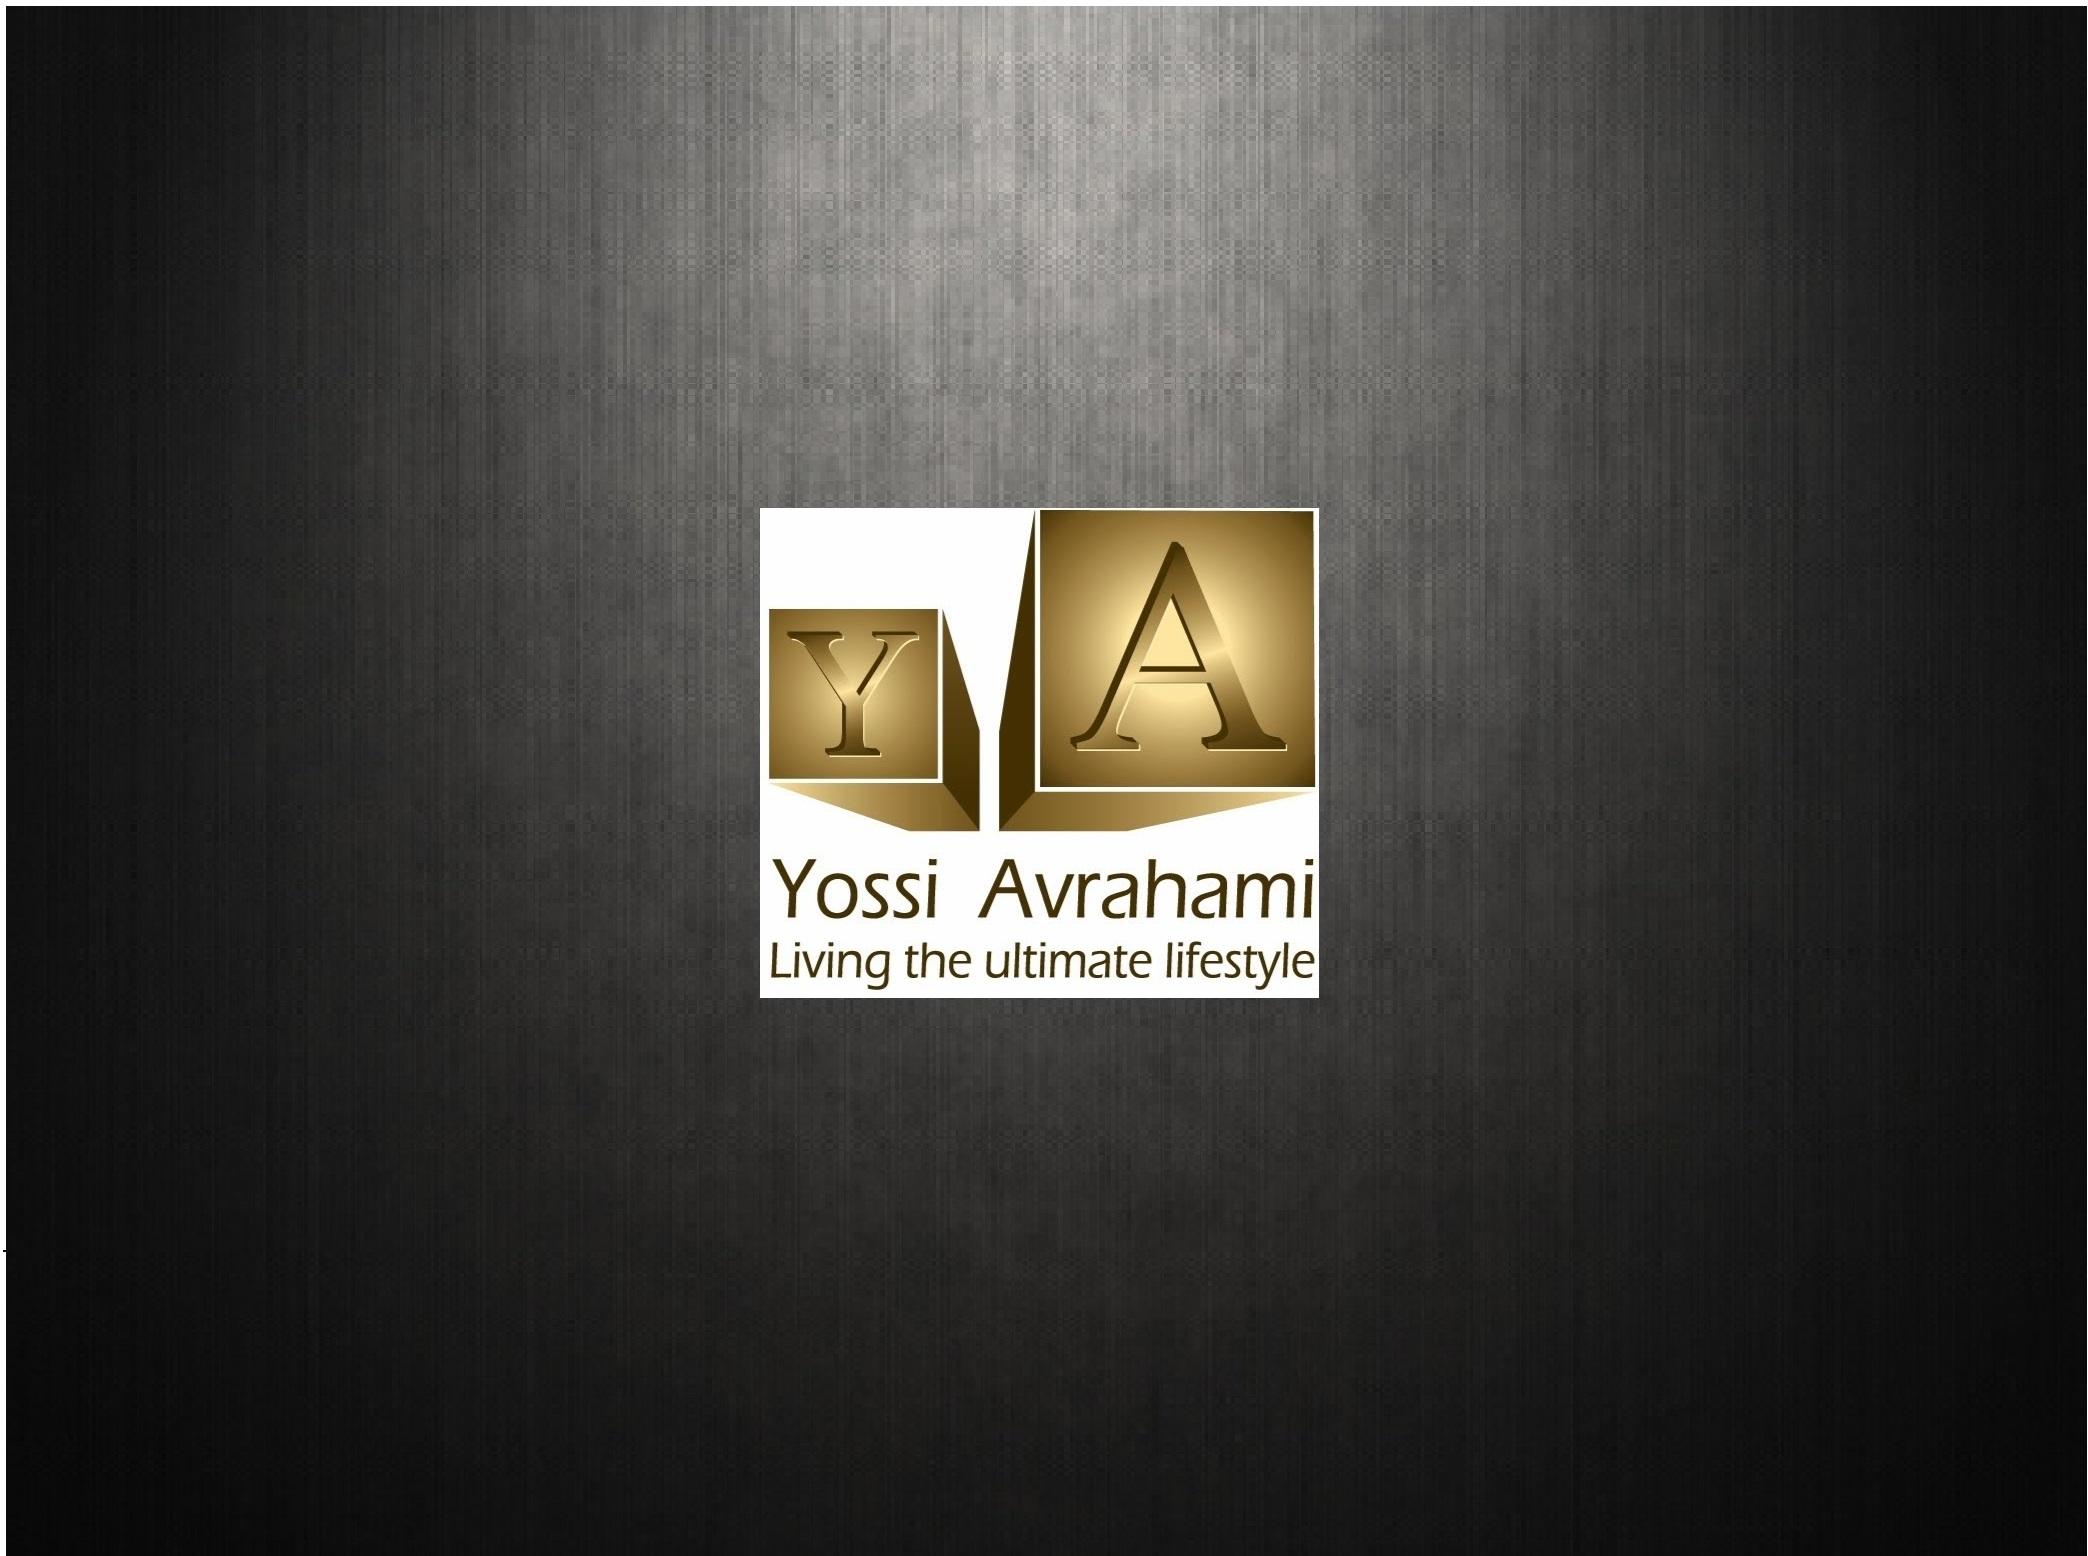 יוסי אברהמי בונה איכות חיים